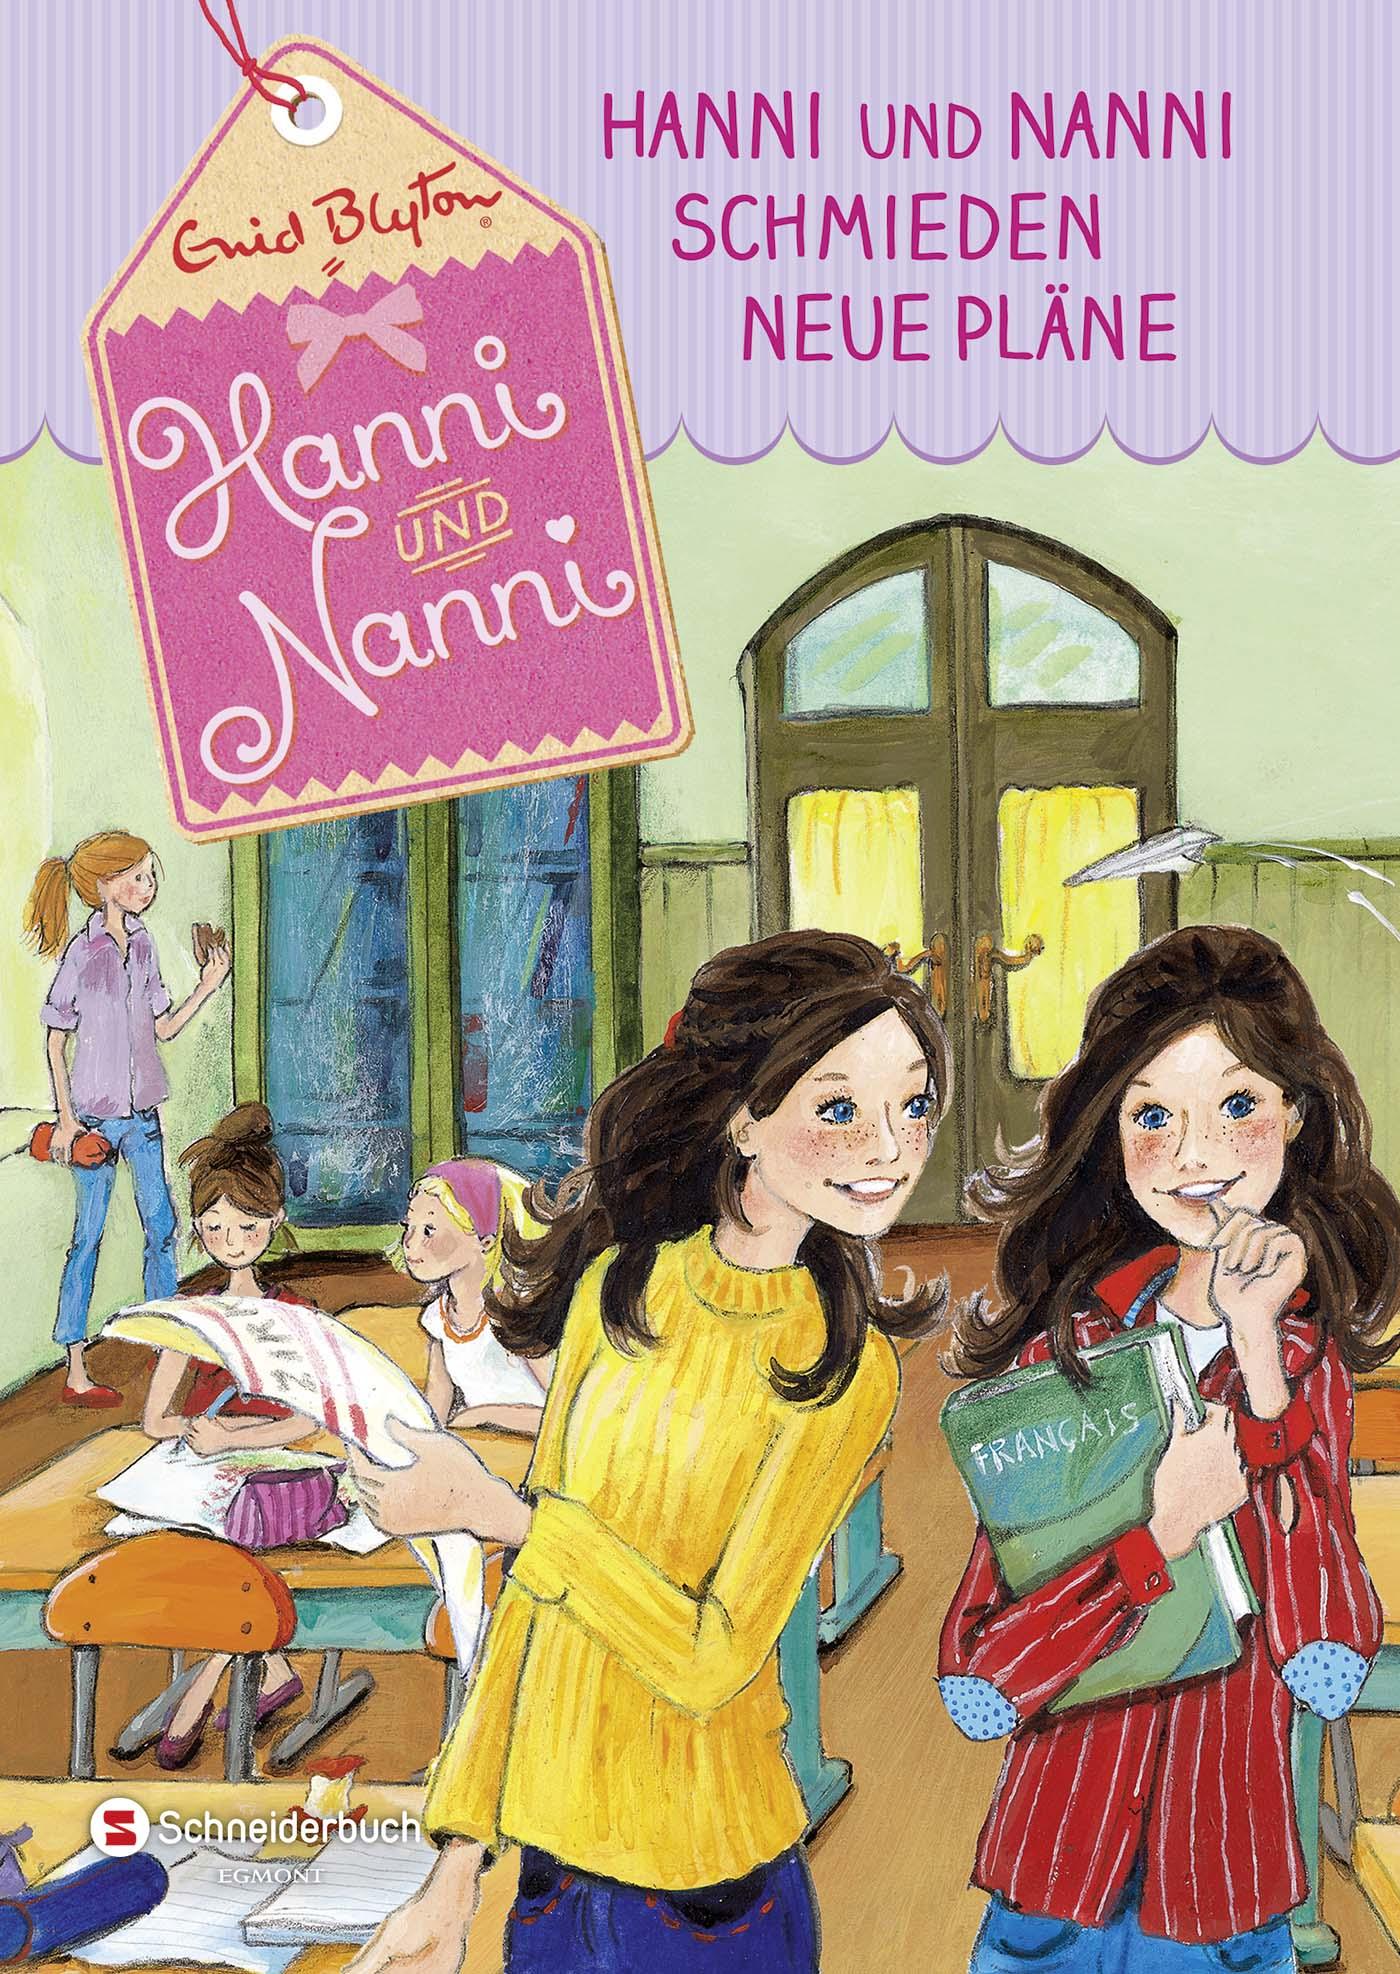 Enid-Blyton-Hanni-und-Nanni-02-Hanni-und-Nanni-schmieden-ne-9783505137778